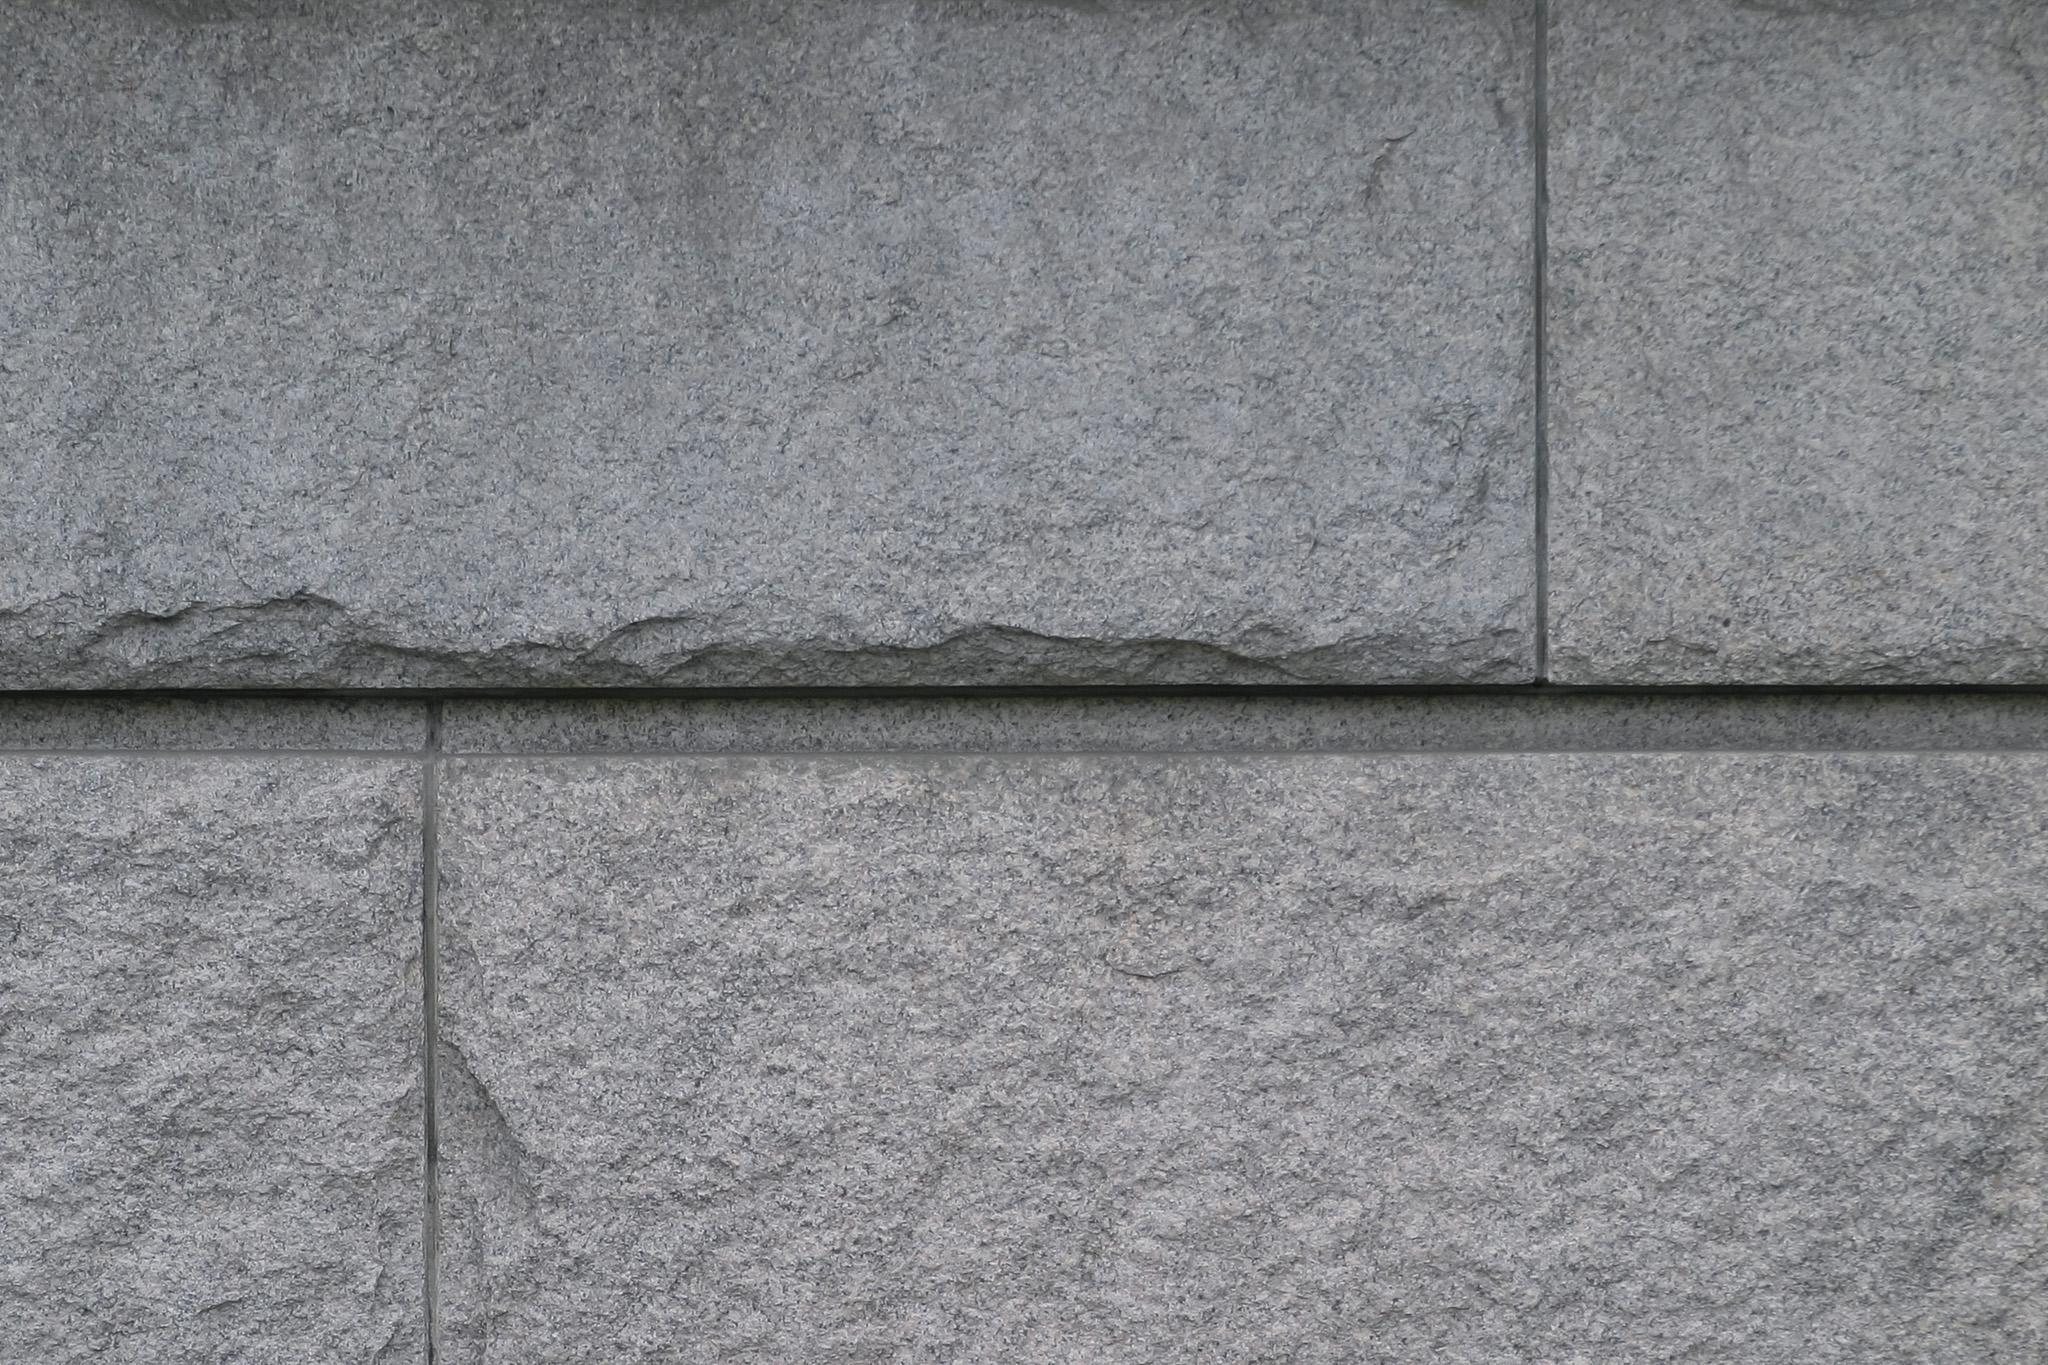 「直線的な溝のある石壁」のテクスチャを無料ダウンロード